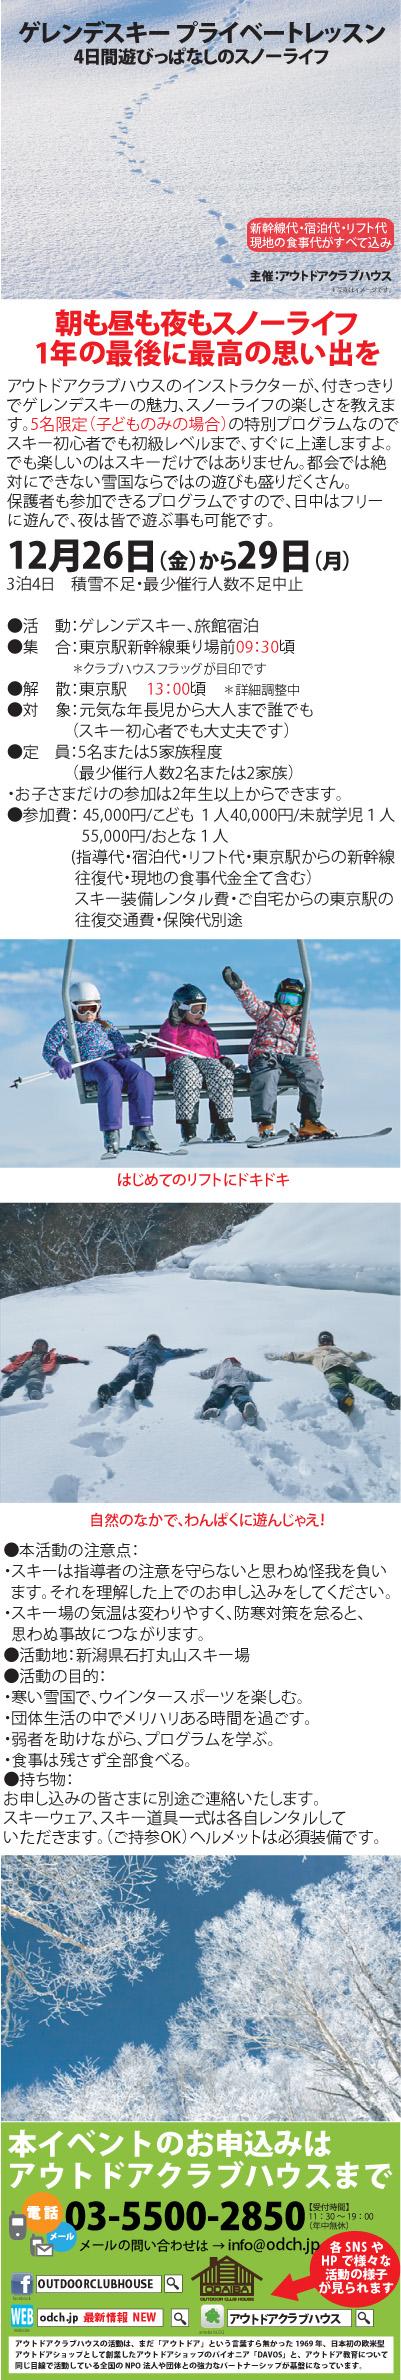 2014_12月山さんと石打スキー